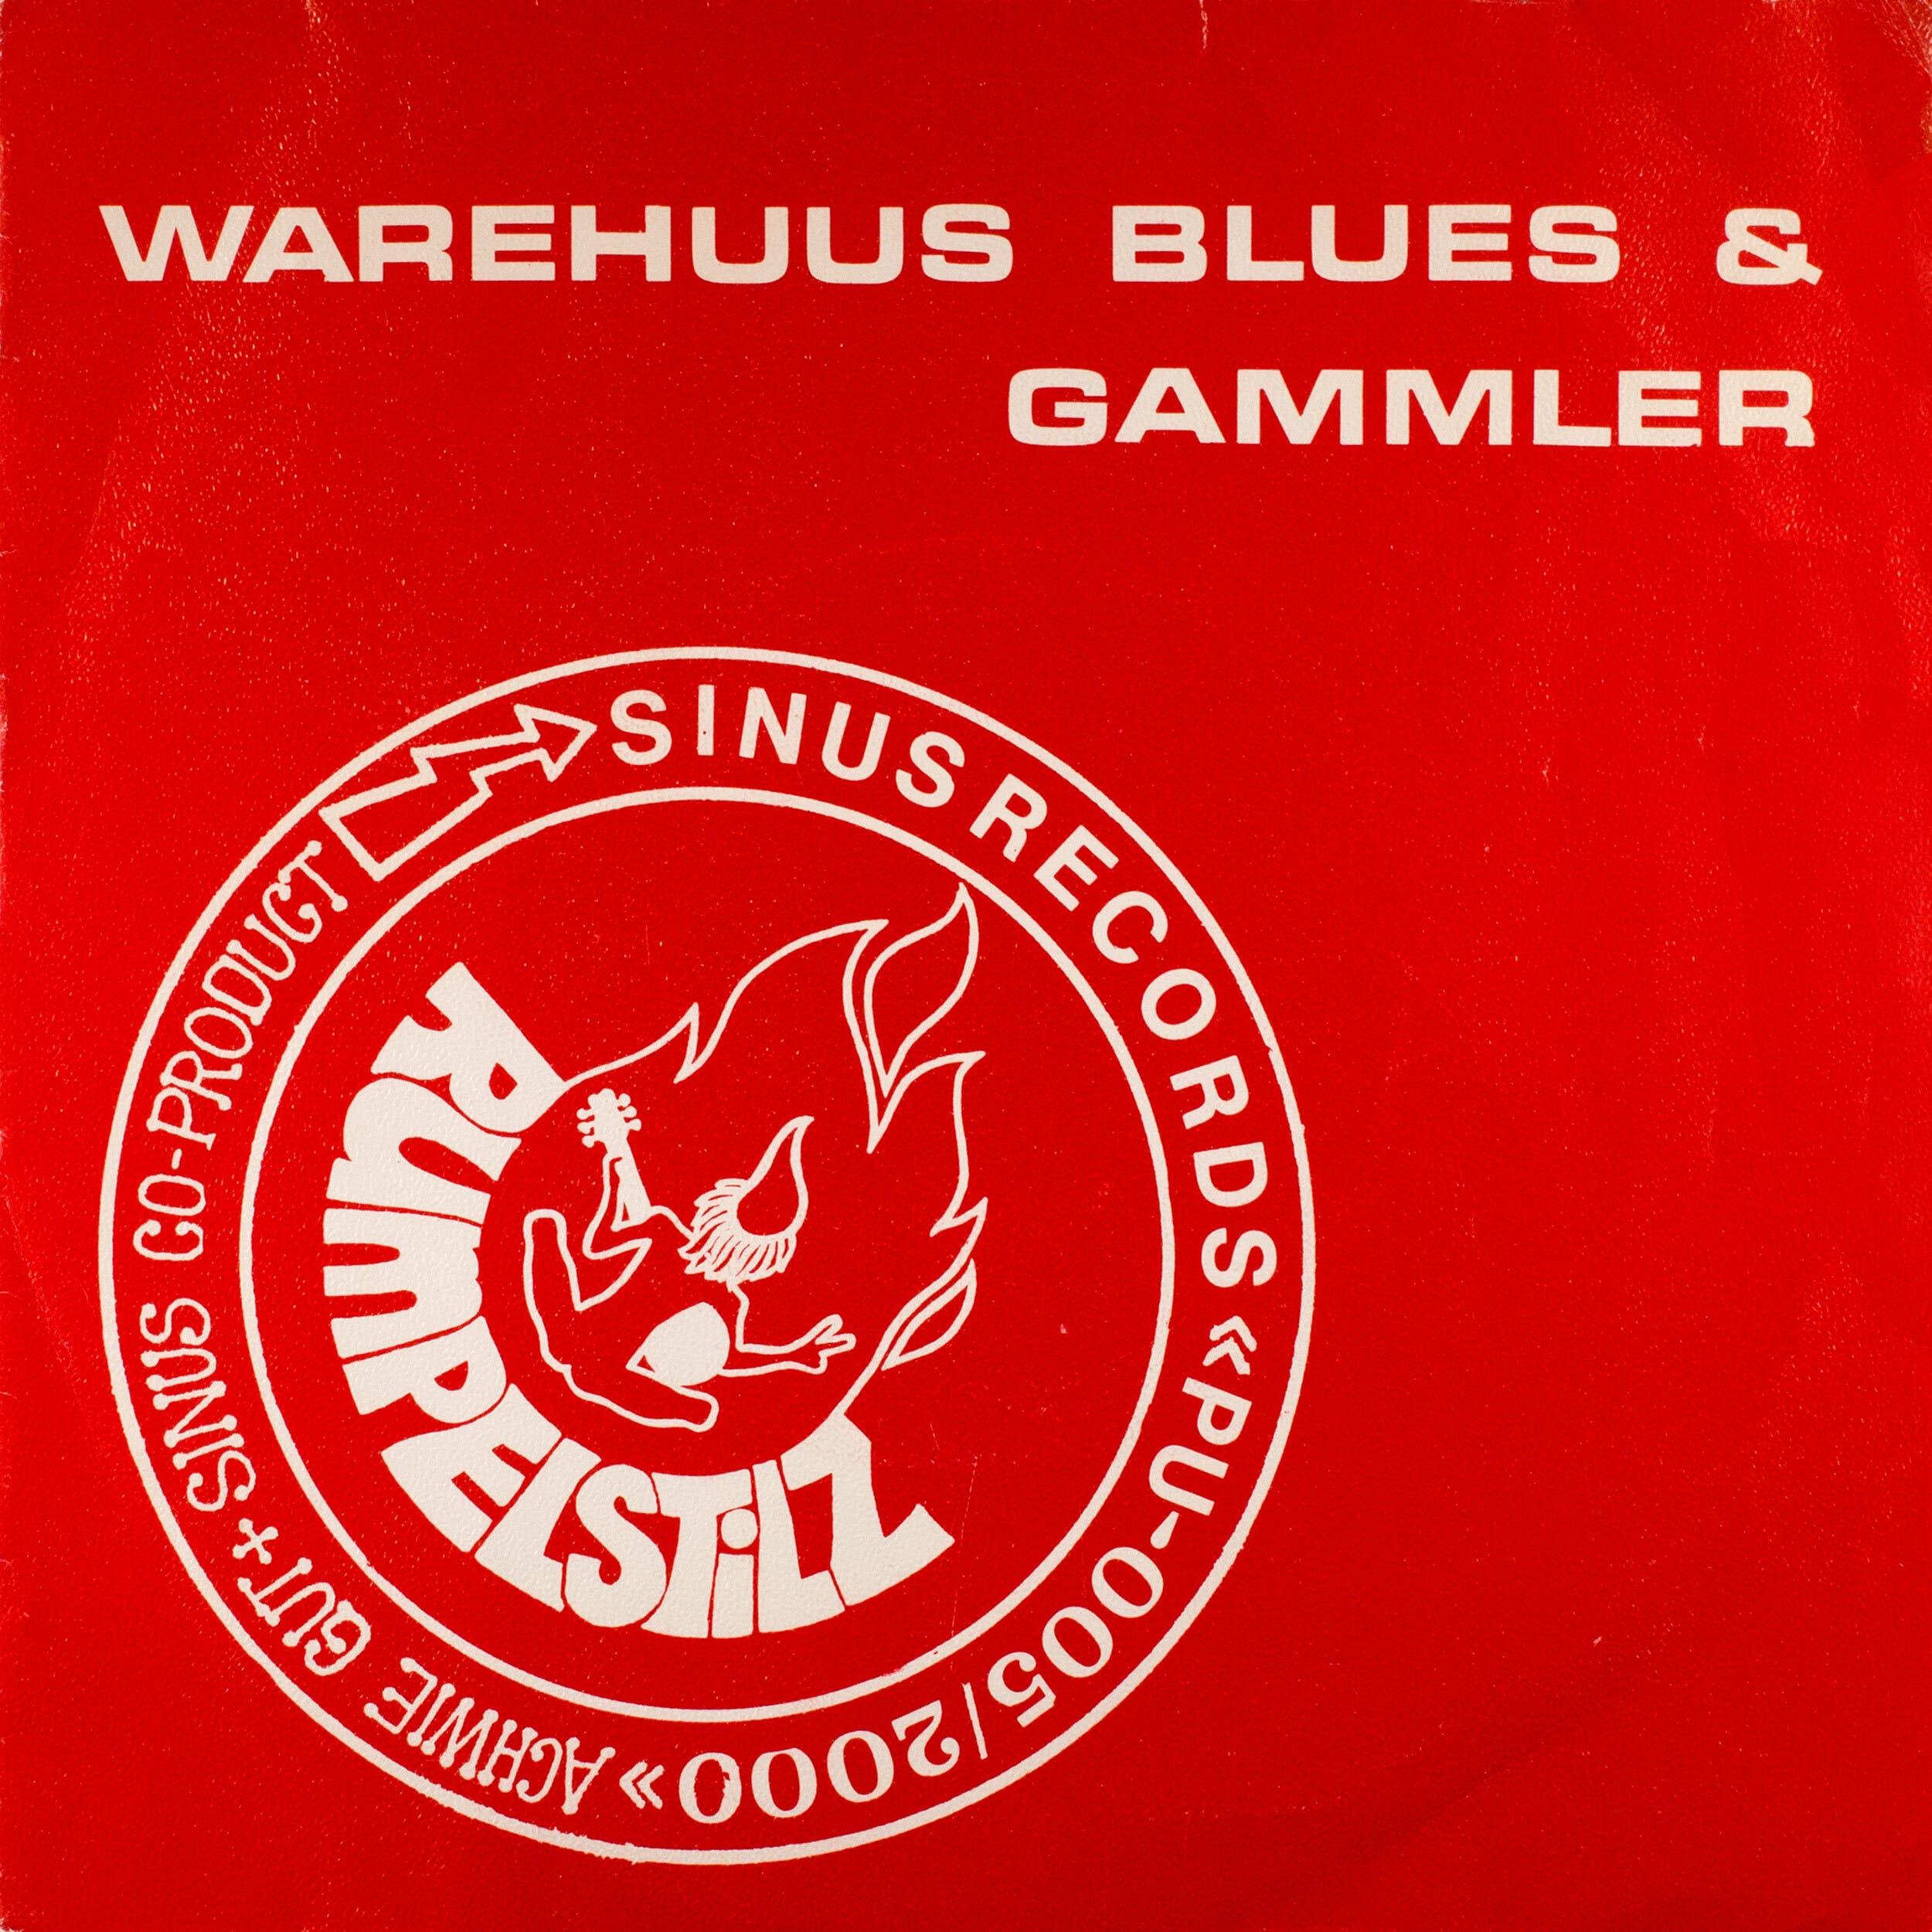 Rumpelstilz: Warehuus Blues/ Gammler (Bern 1973, Single)